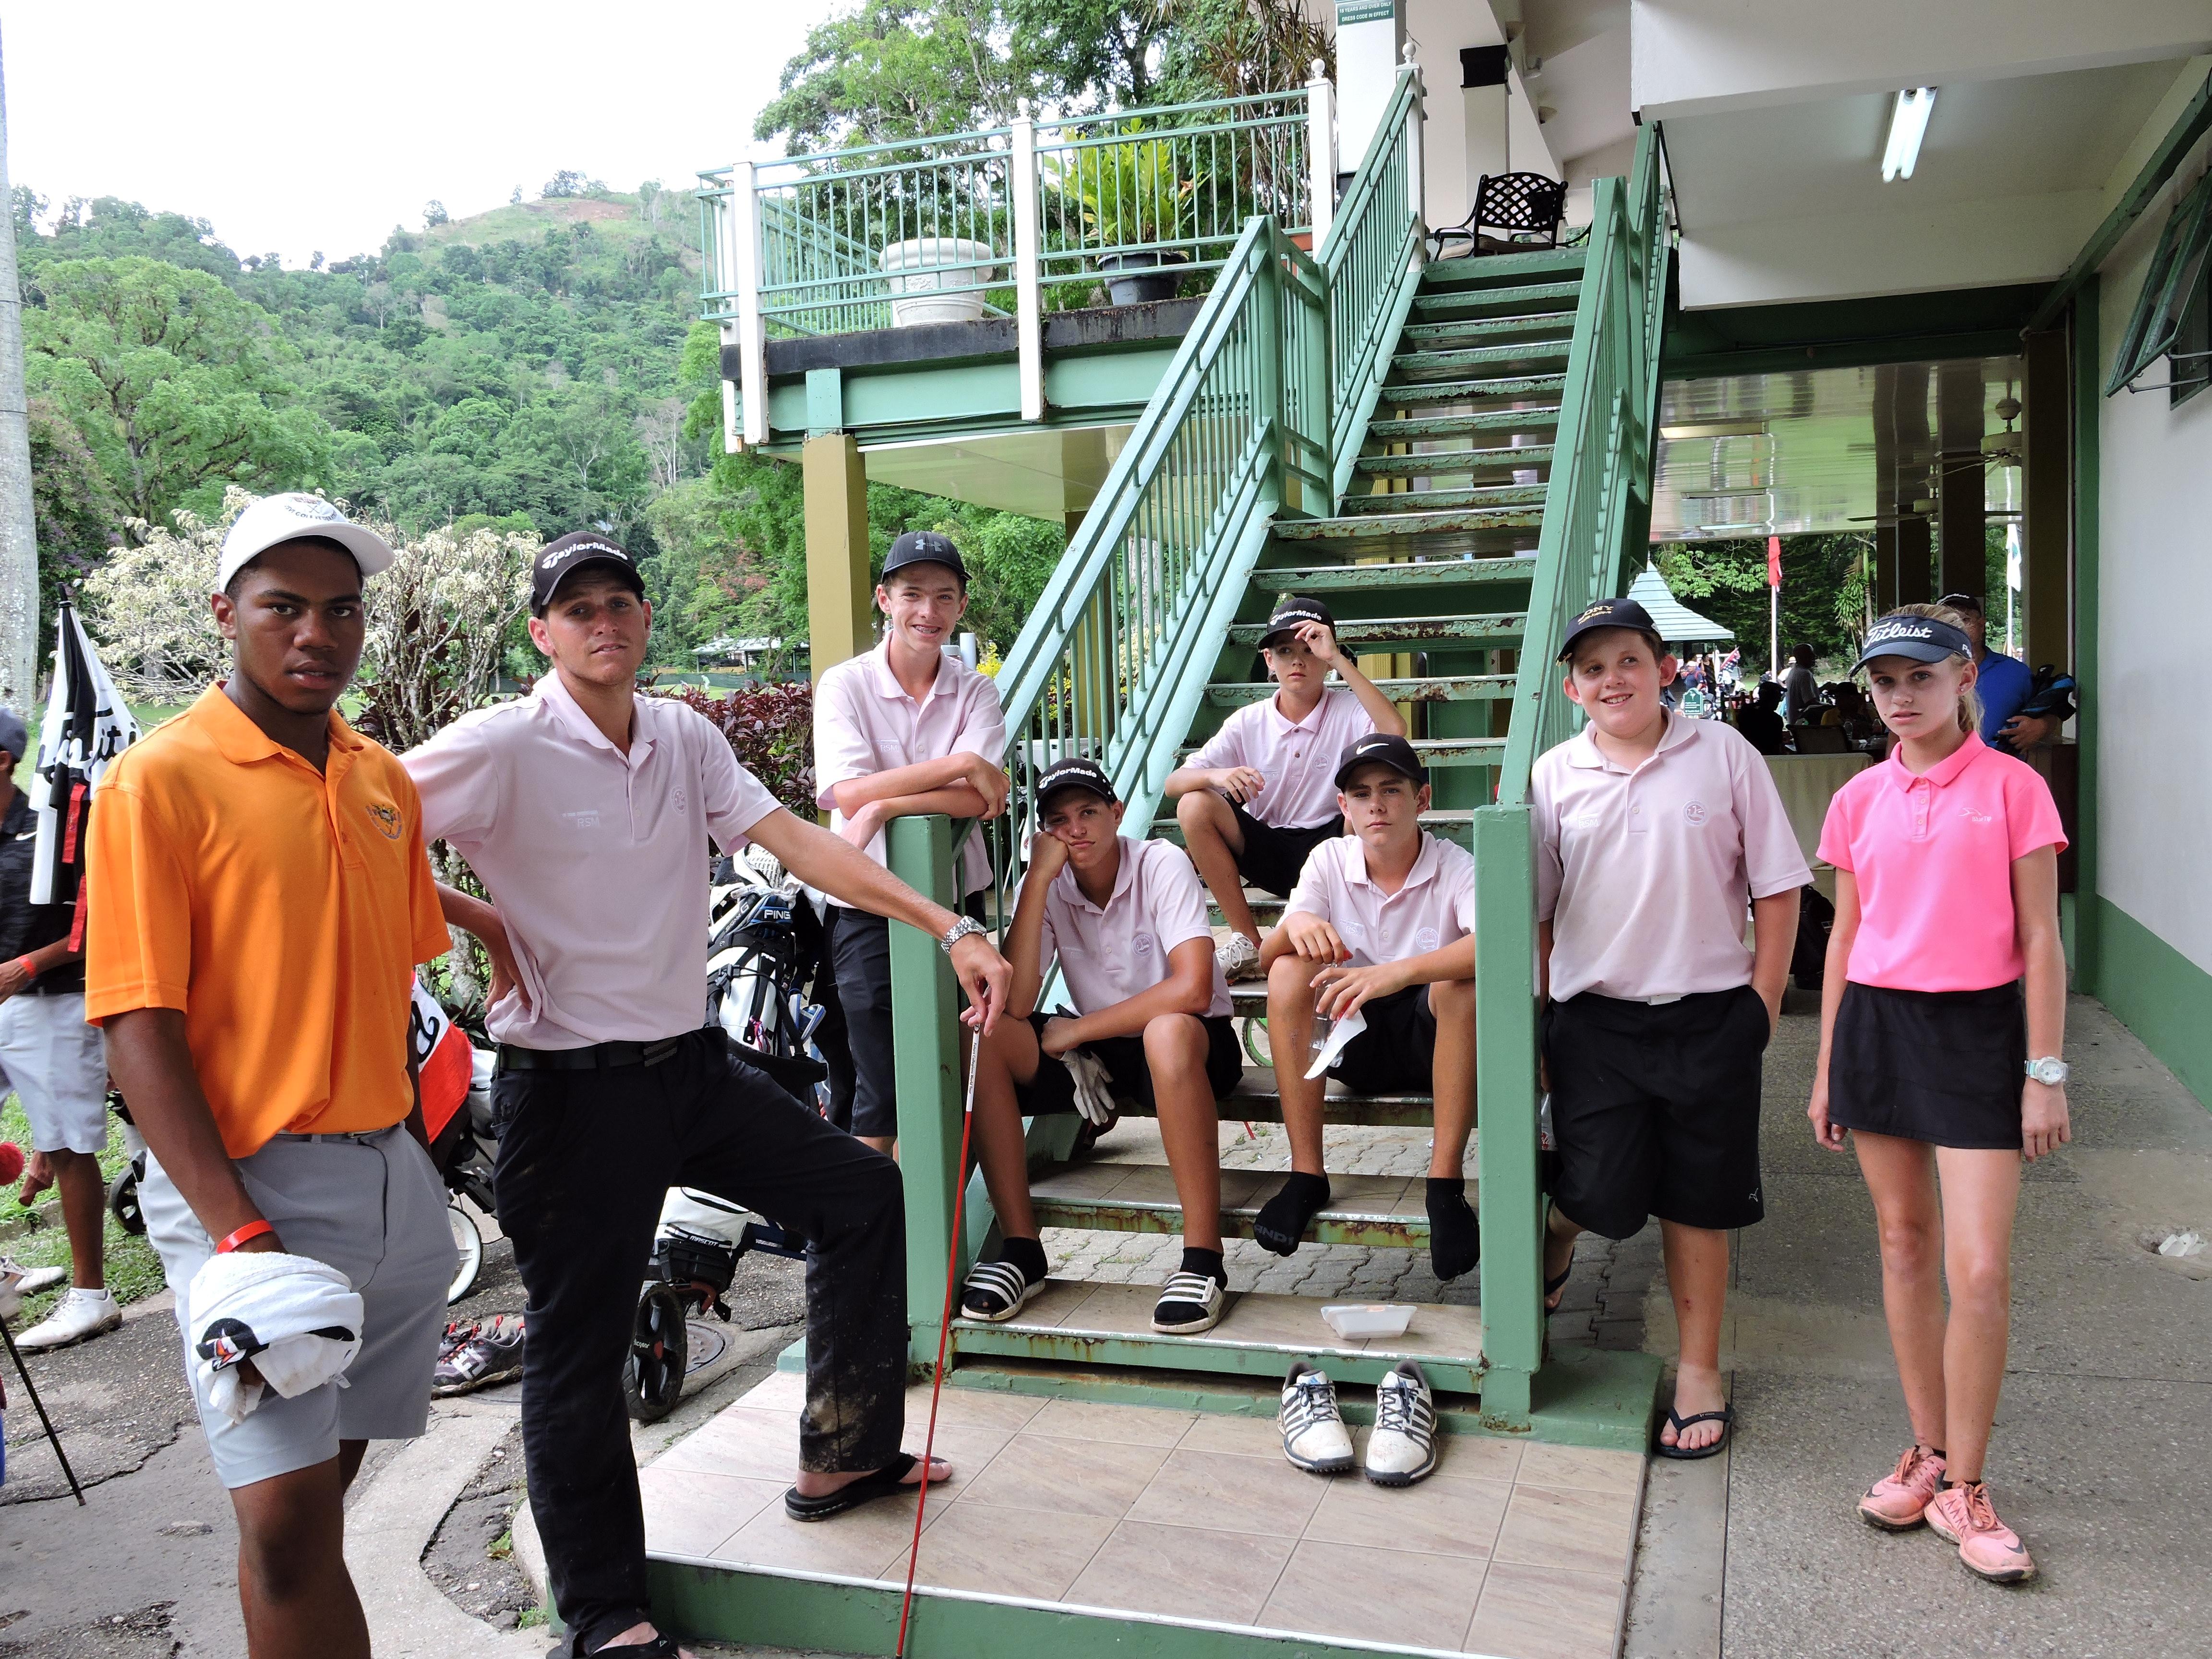 Team Cayman - 2017 CAJGC Trinidad